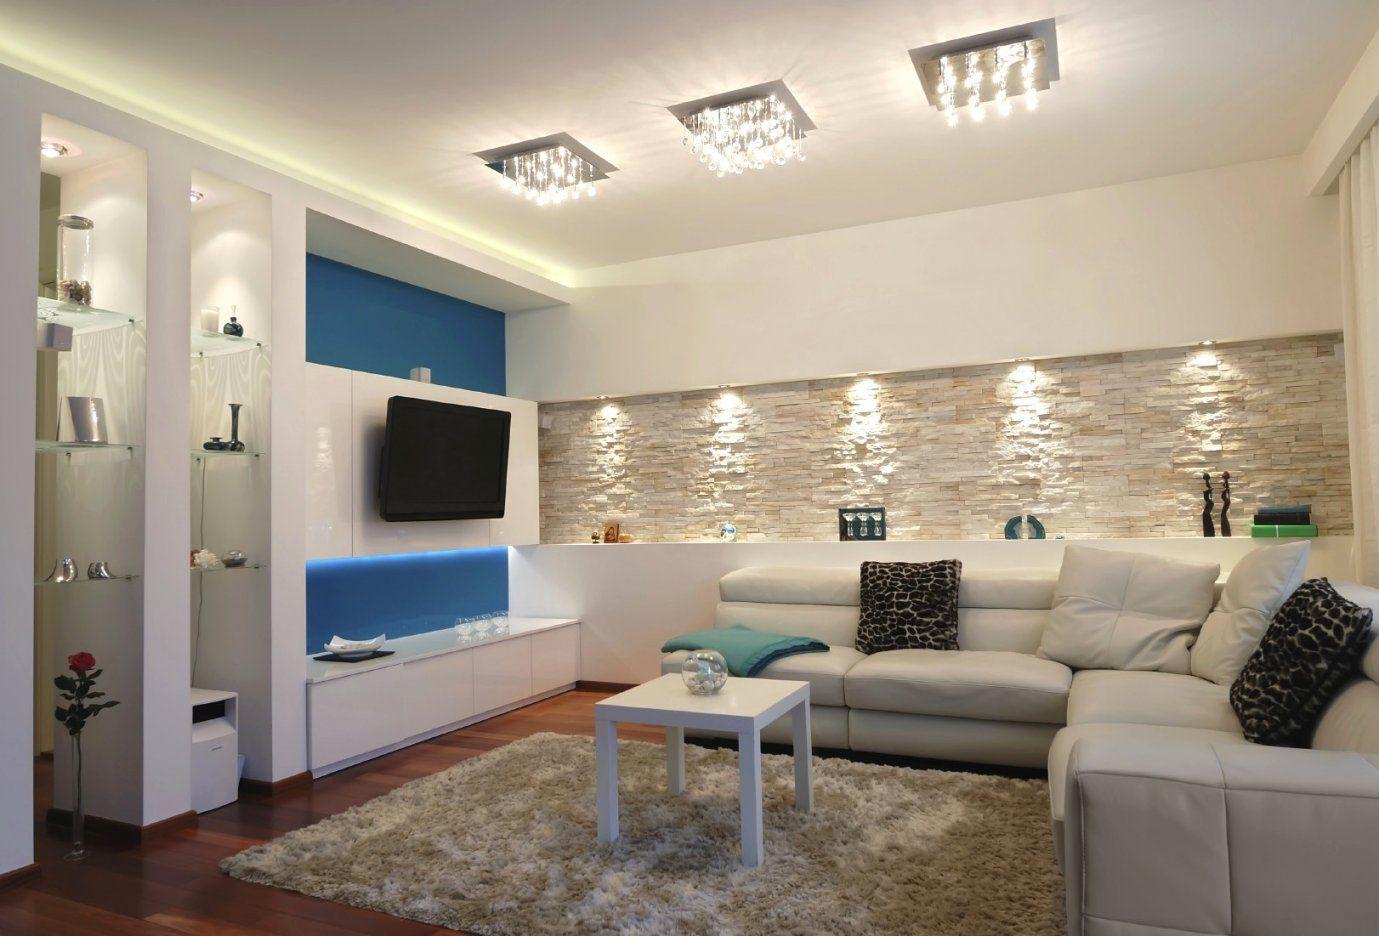 Dekoration Für Wohnzimmer Modern On Und Deko Ideen Us Mit Moderne 18 von Bilder Fürs Wohnzimmer Modern Bild